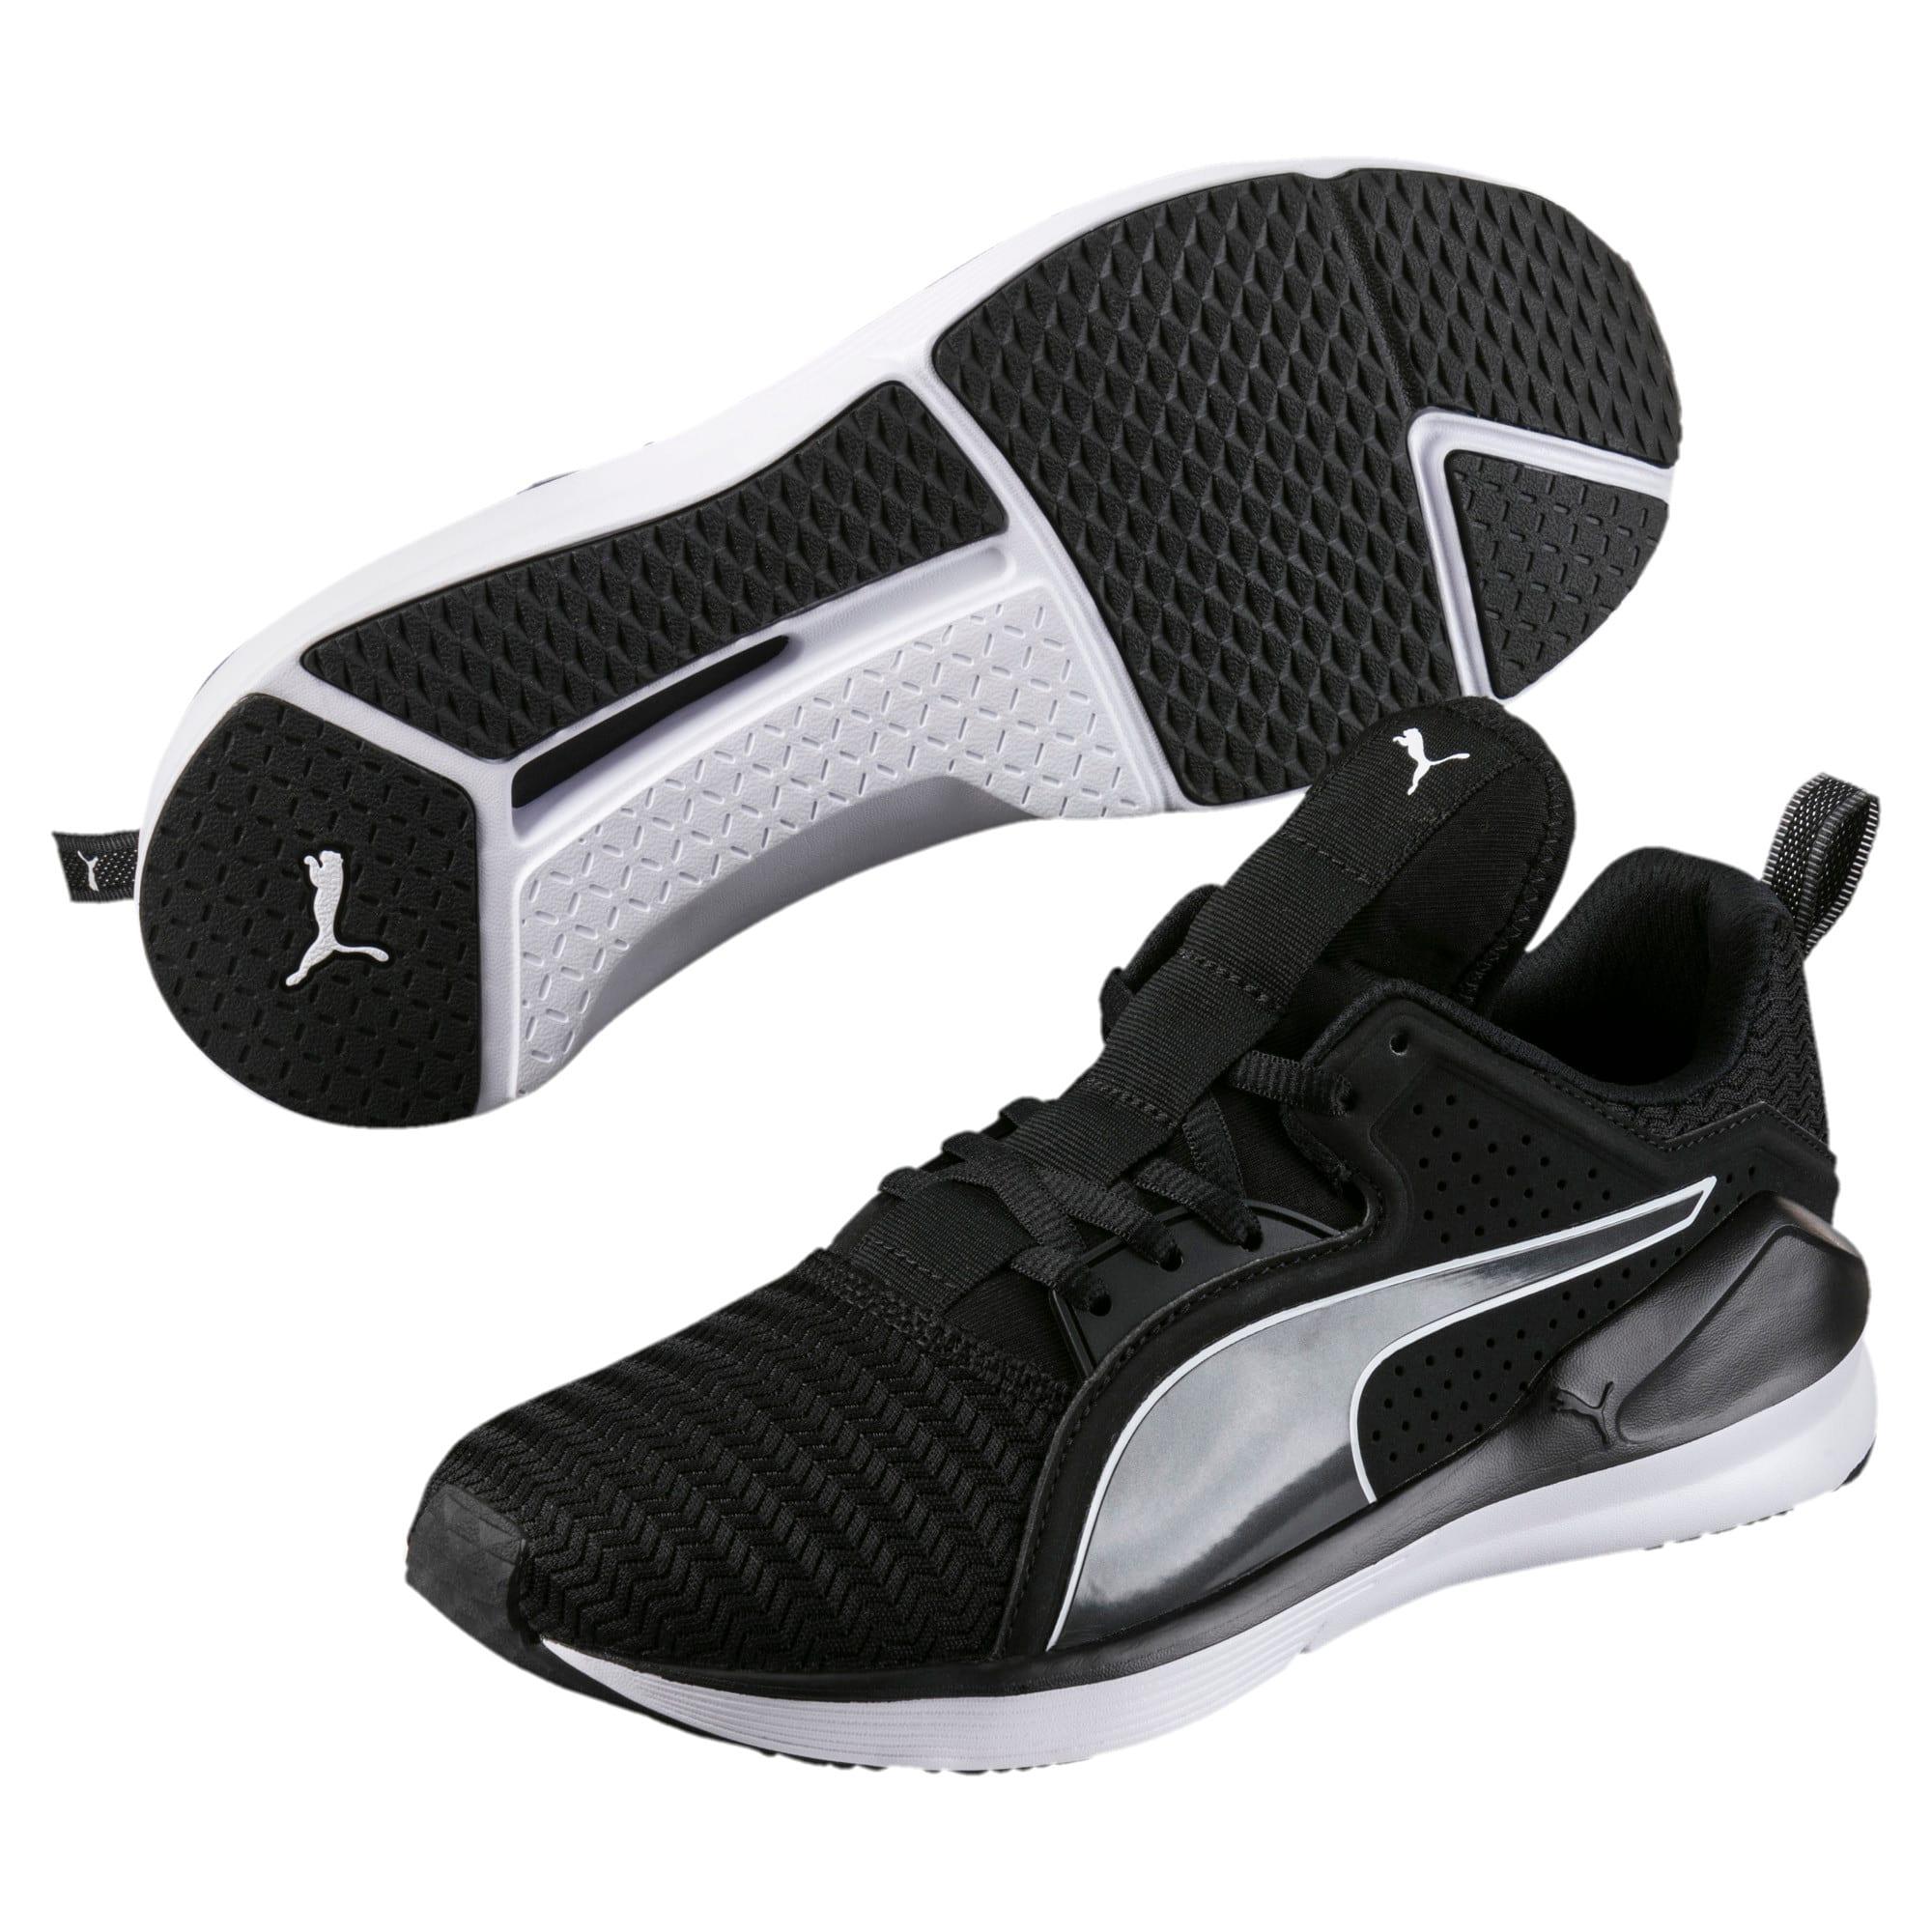 buy online 1a03c 63d02 Fierce Lace Core Women's Training Shoes | PUMA Shoes | PUMA ...